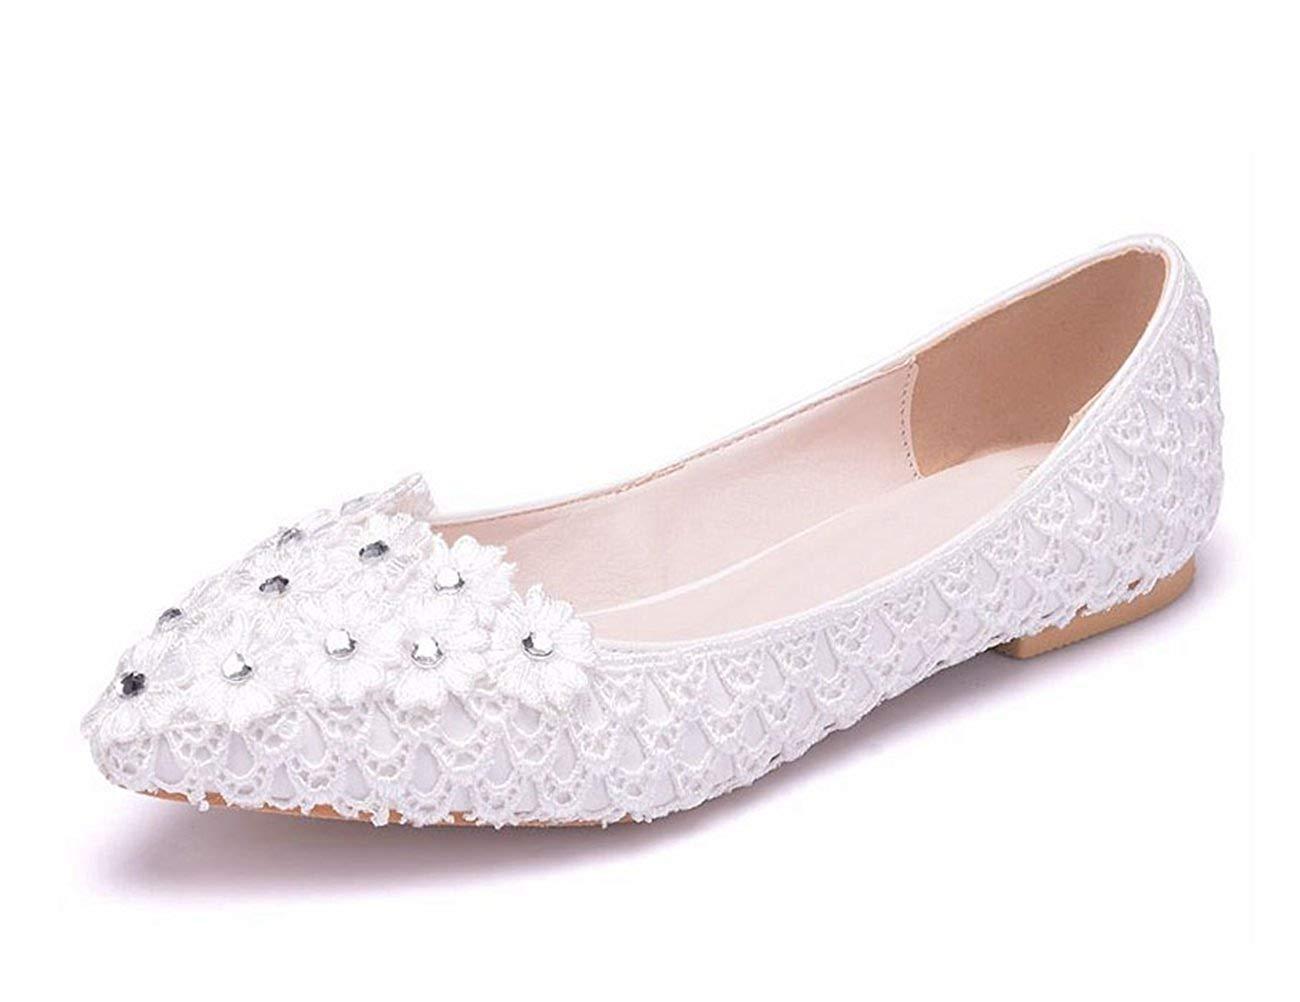 Qiusa Qiusa Qiusa Damen Spitze Spitze Blaumen Slip-on Weiß Hochzeit Kleid Party Wohnungen UK 5.5 (Farbe   - Größe   -) 1e57d0